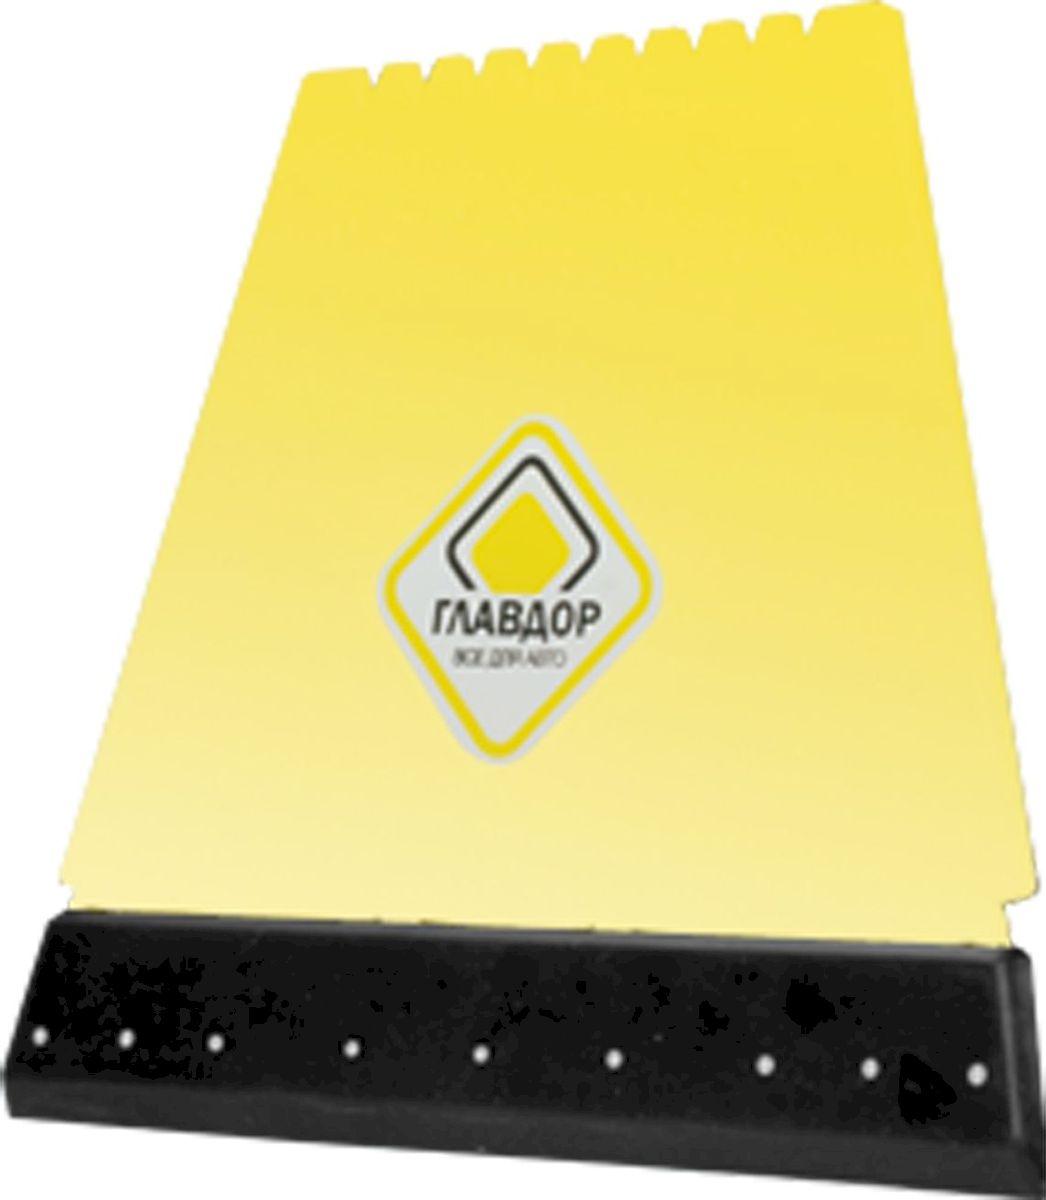 Скребок Главдор, четырехсторонний, цвет: желтыйGL-506Продуманный до мелочей скребок для льда и сгона воды, в котором задействованы все четыре стороны для более эффективного удаление нежелательной наледи с поверхности автомобиля. Имеет два тонких лезвия по бокам, резиновый сгон и разрыхлитель наледи. Удобно лежит в руке, а хранение не занимает много места.